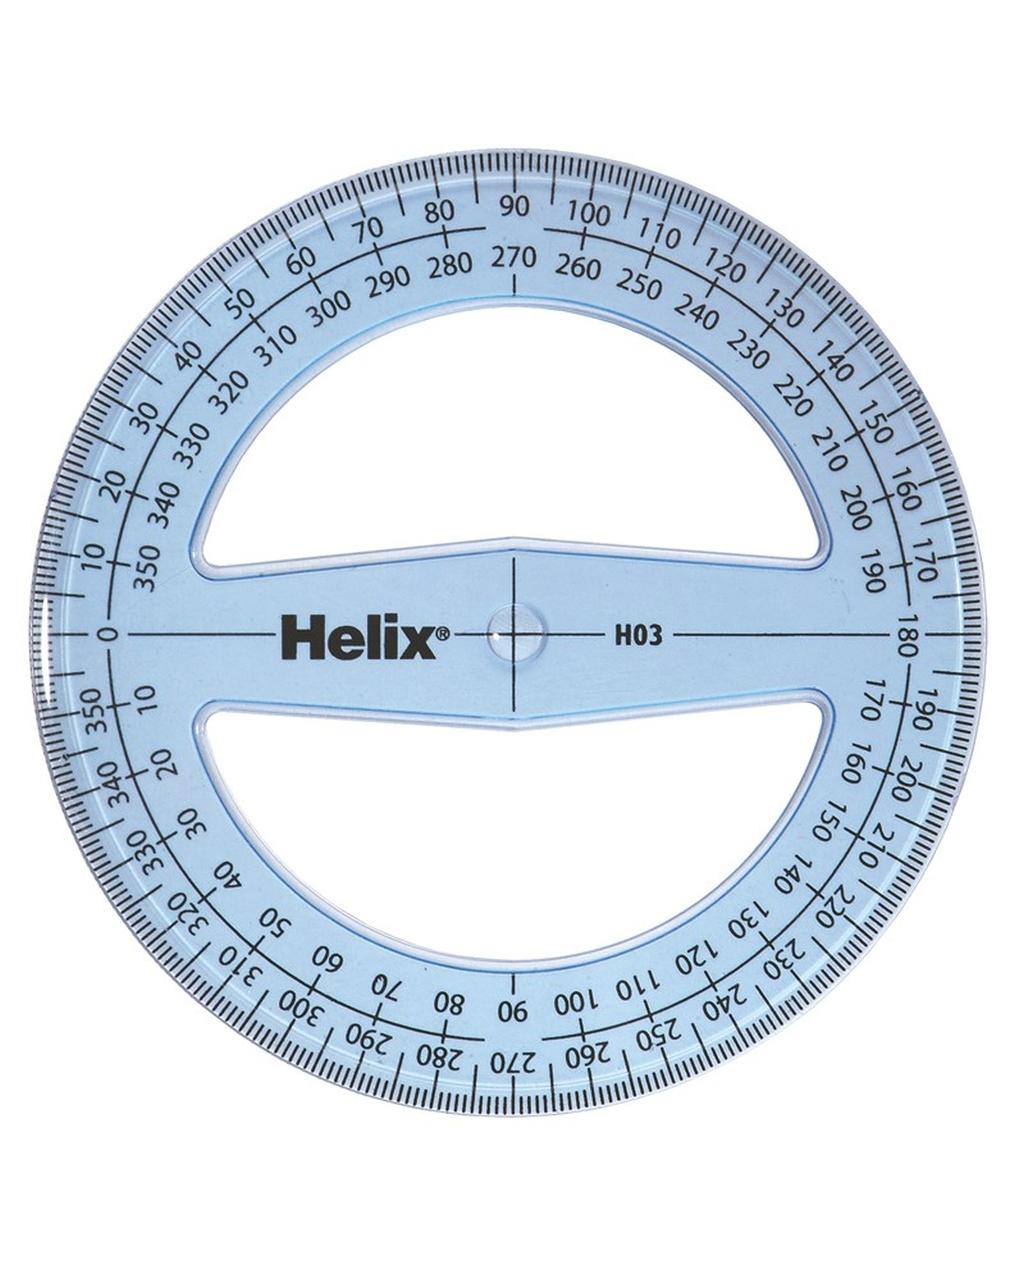 100mm Circular Protractor